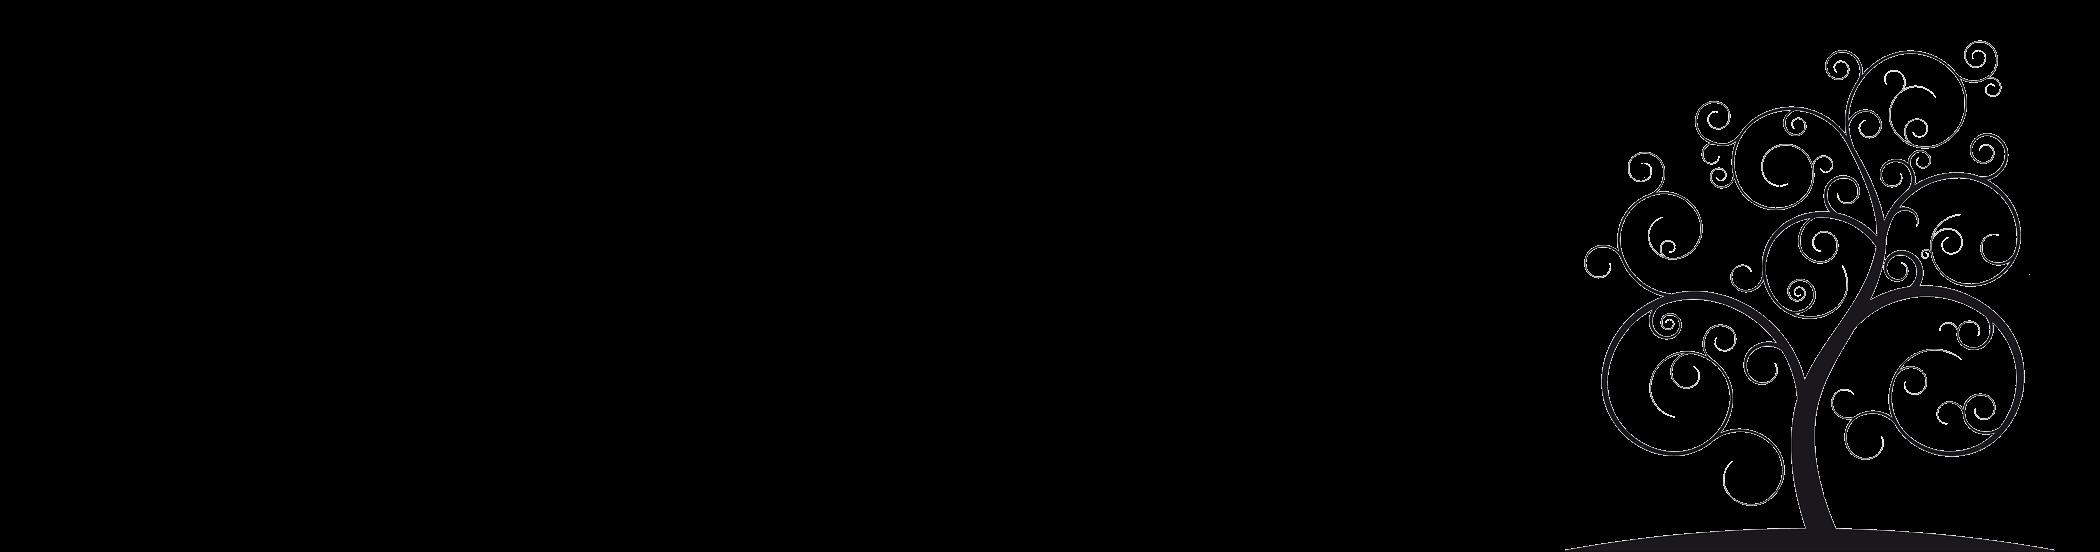 bOEfGq8